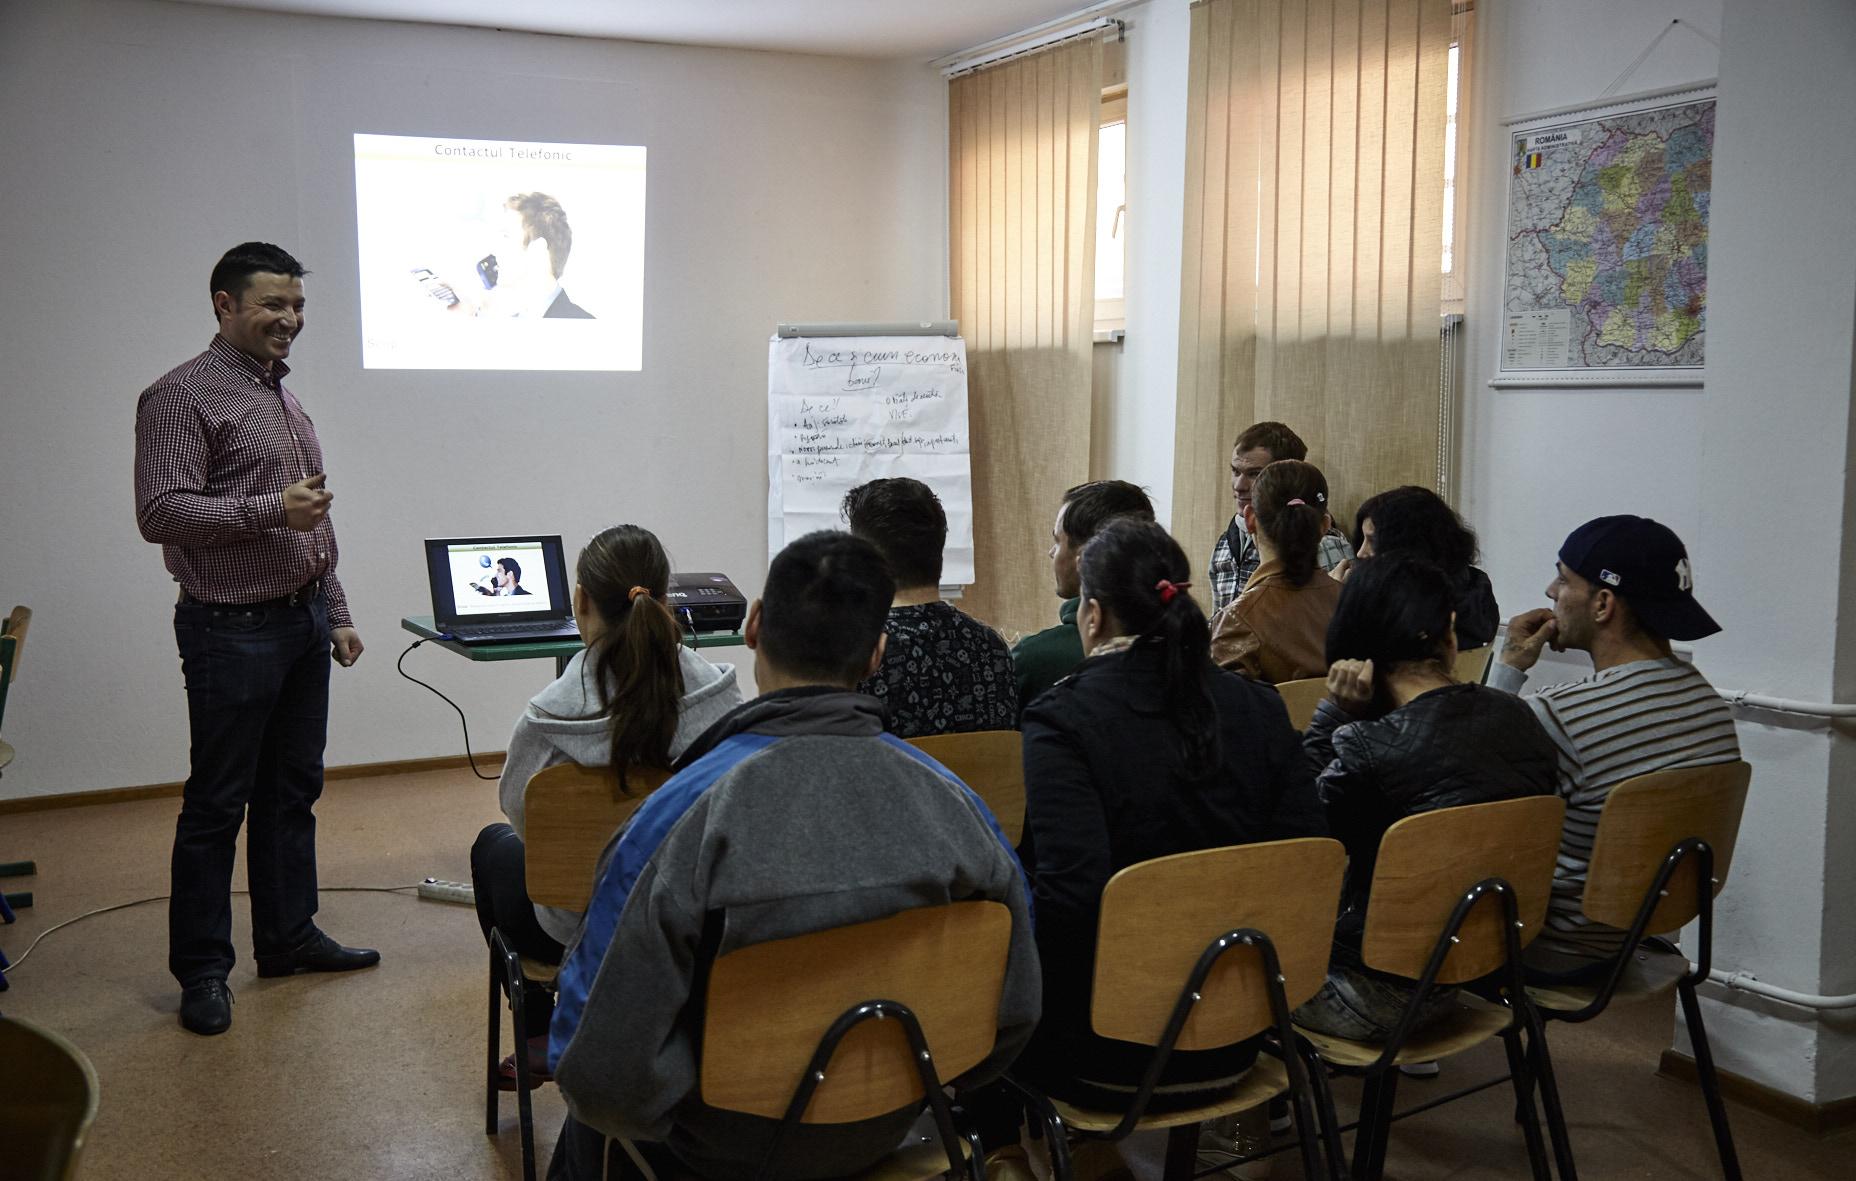 Servicii integrate pentru persoane adulte fara adapost din Bucuresti